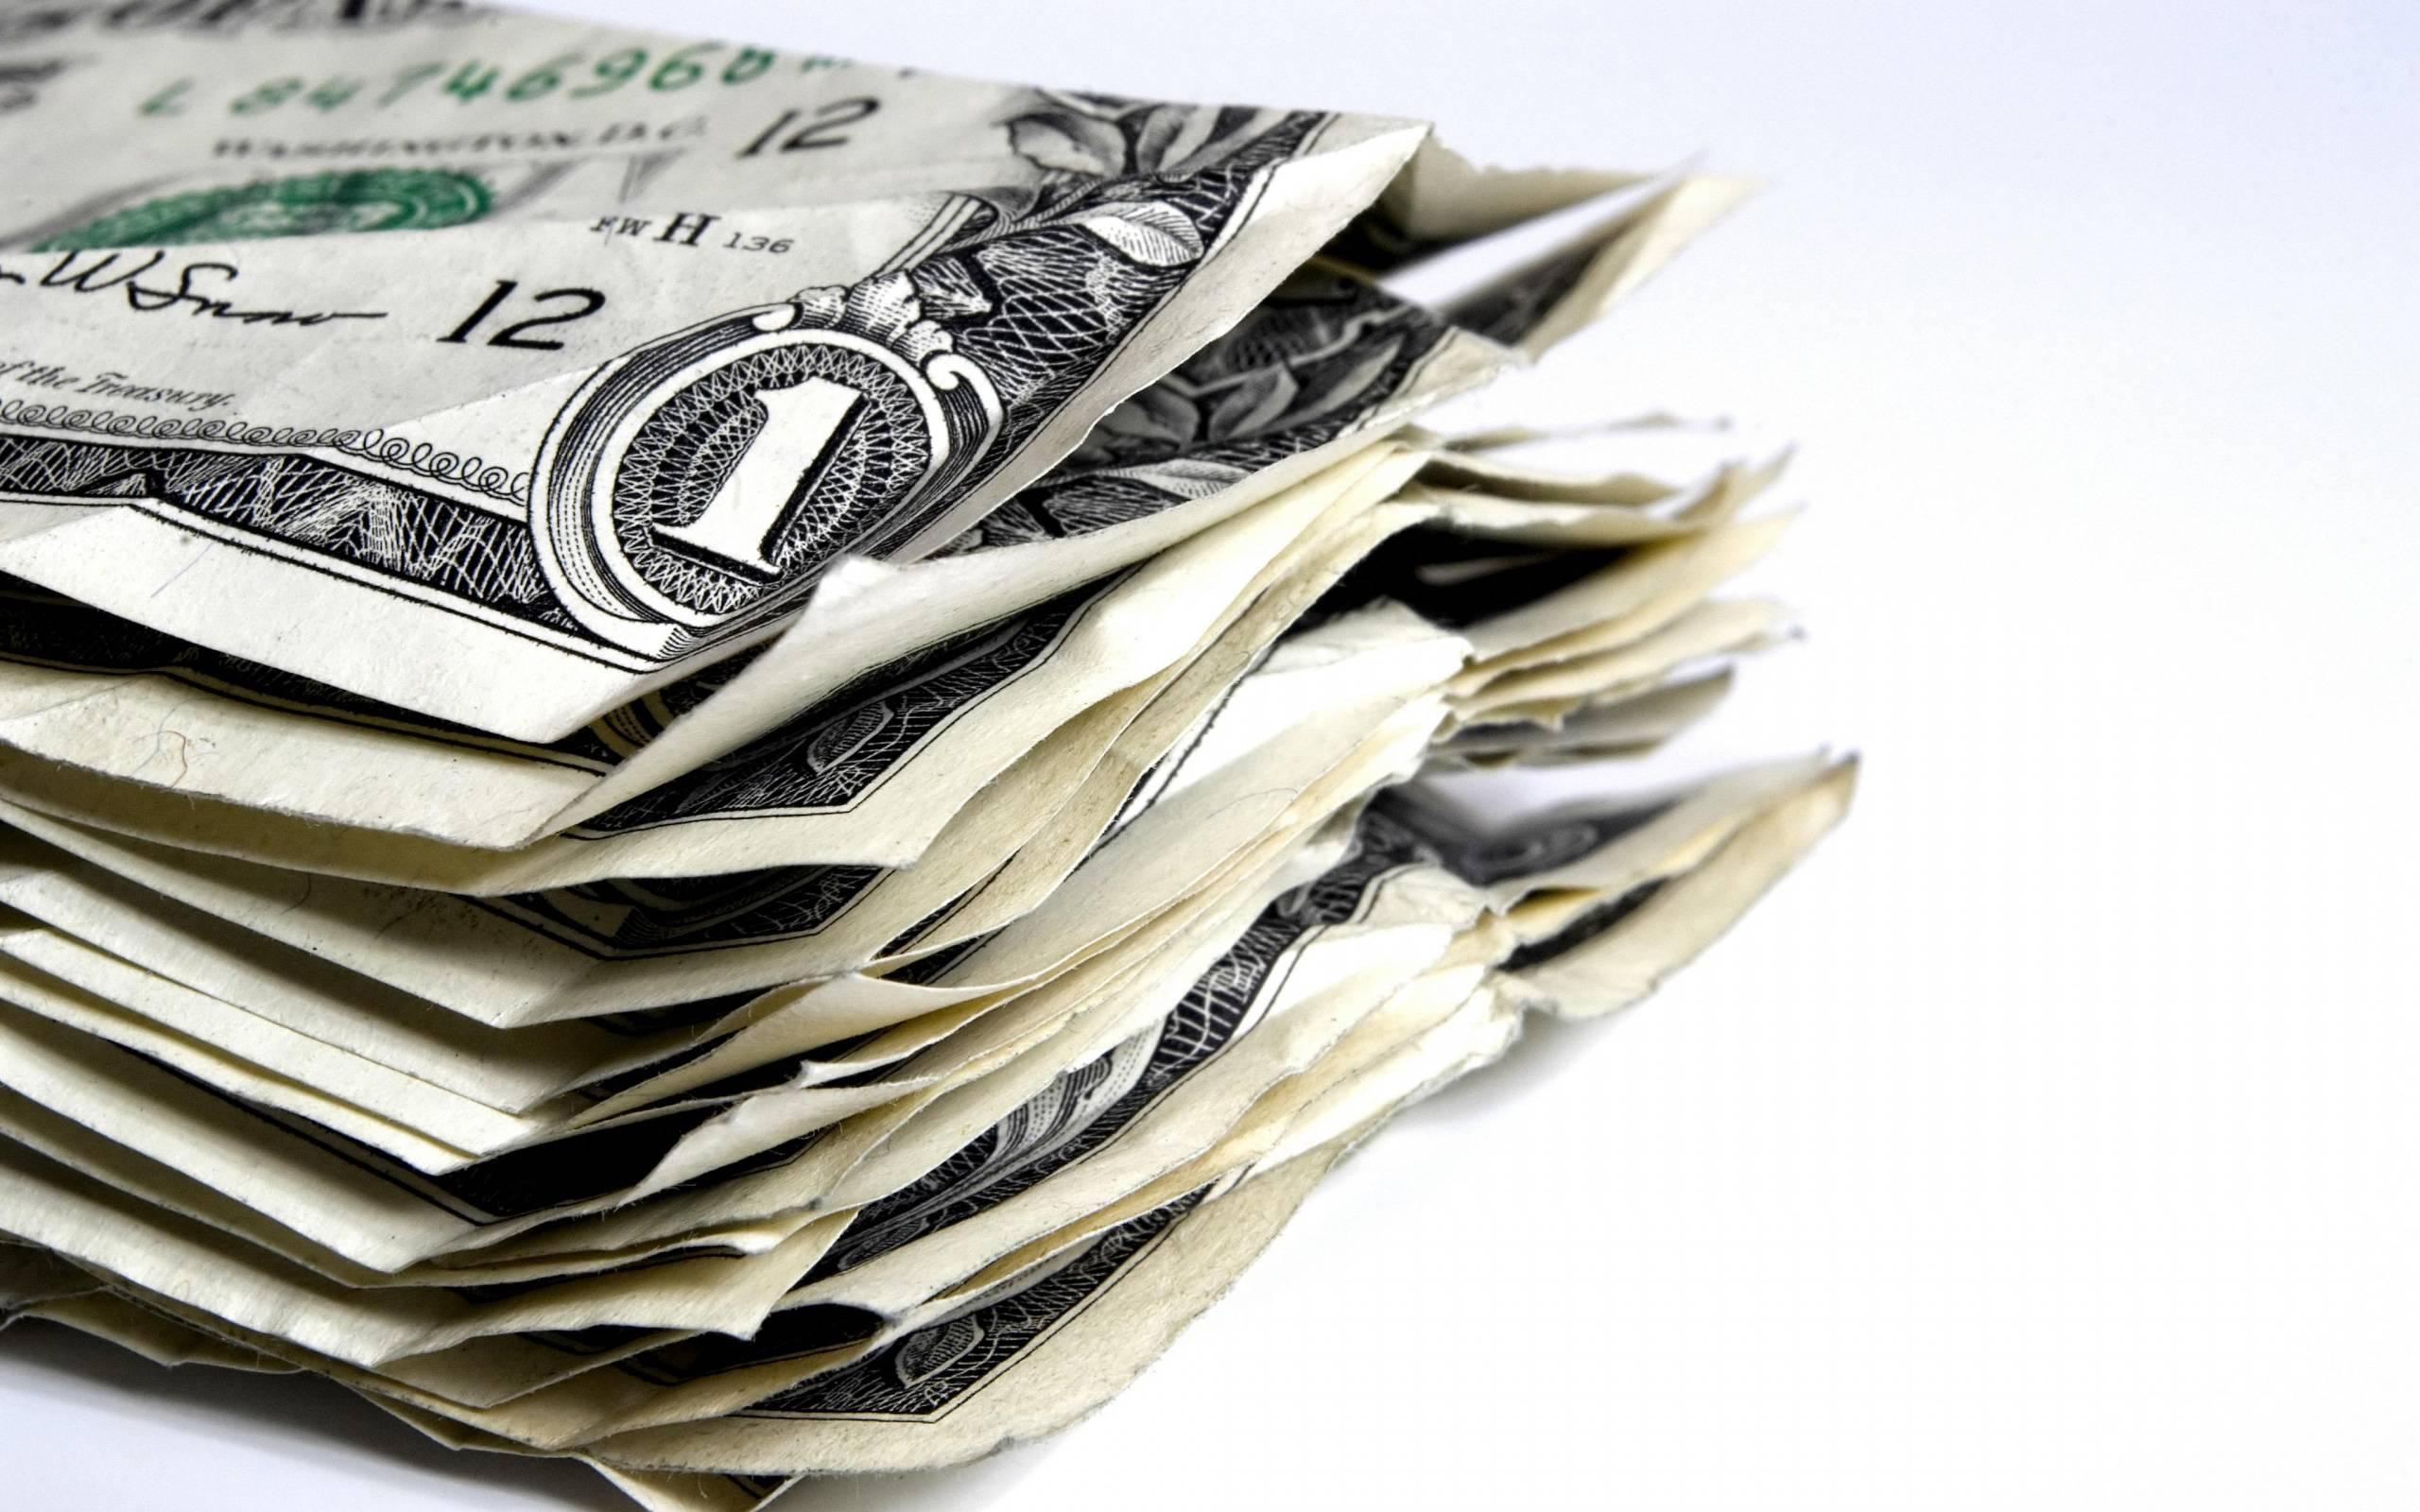 money-1cc0d9890560cc620a6df70790741e1e.jpg